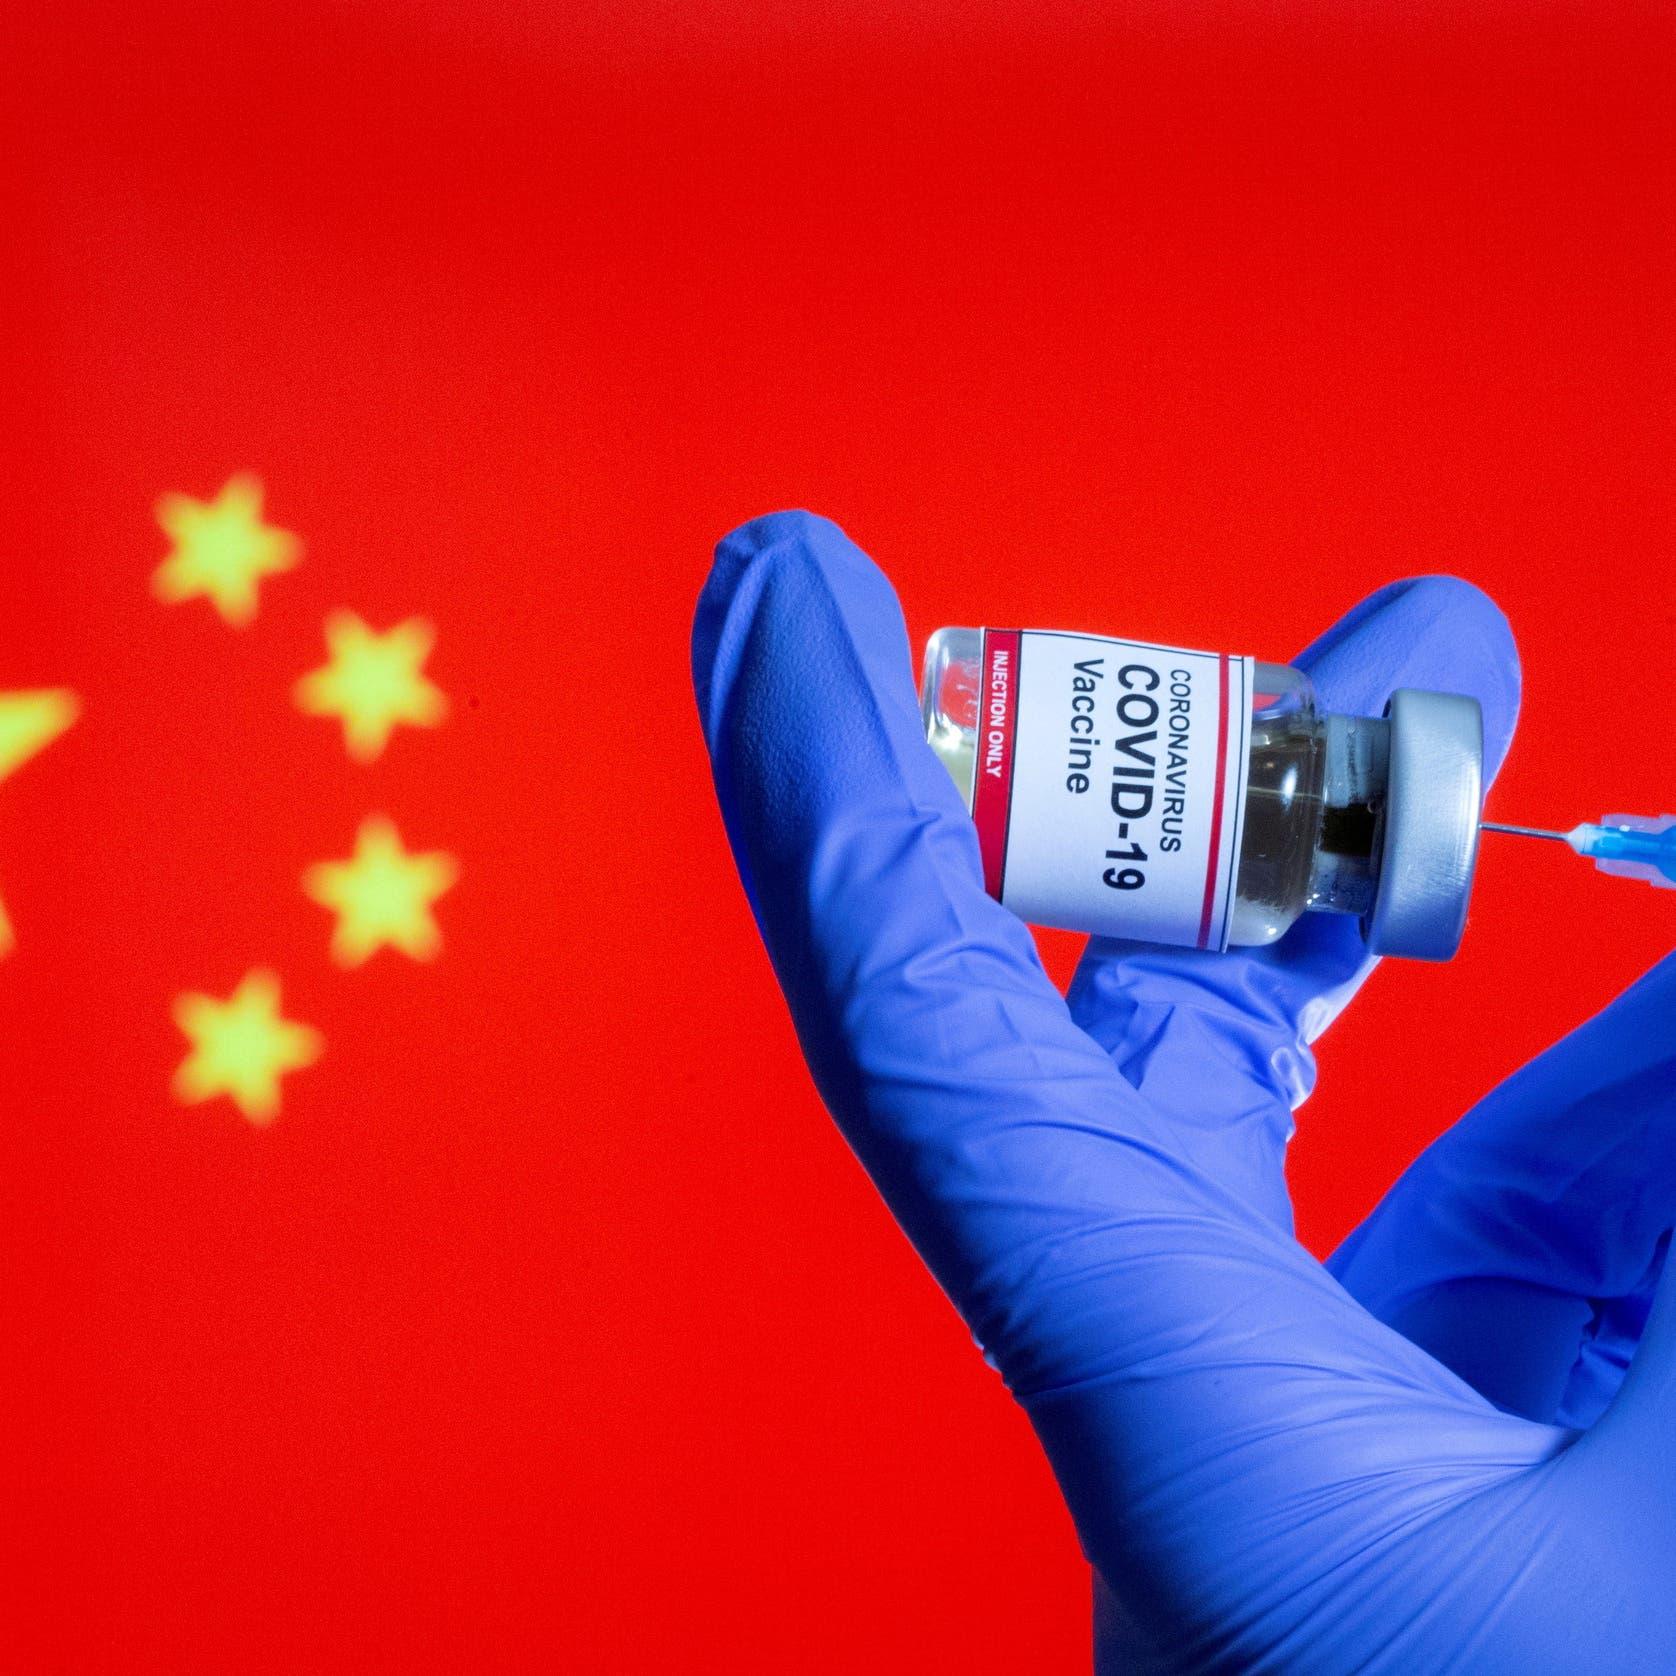 بعد ارتفاع إصابات كورونا لهذا الرقم.. الصين تتخذ إجراءات جديدة